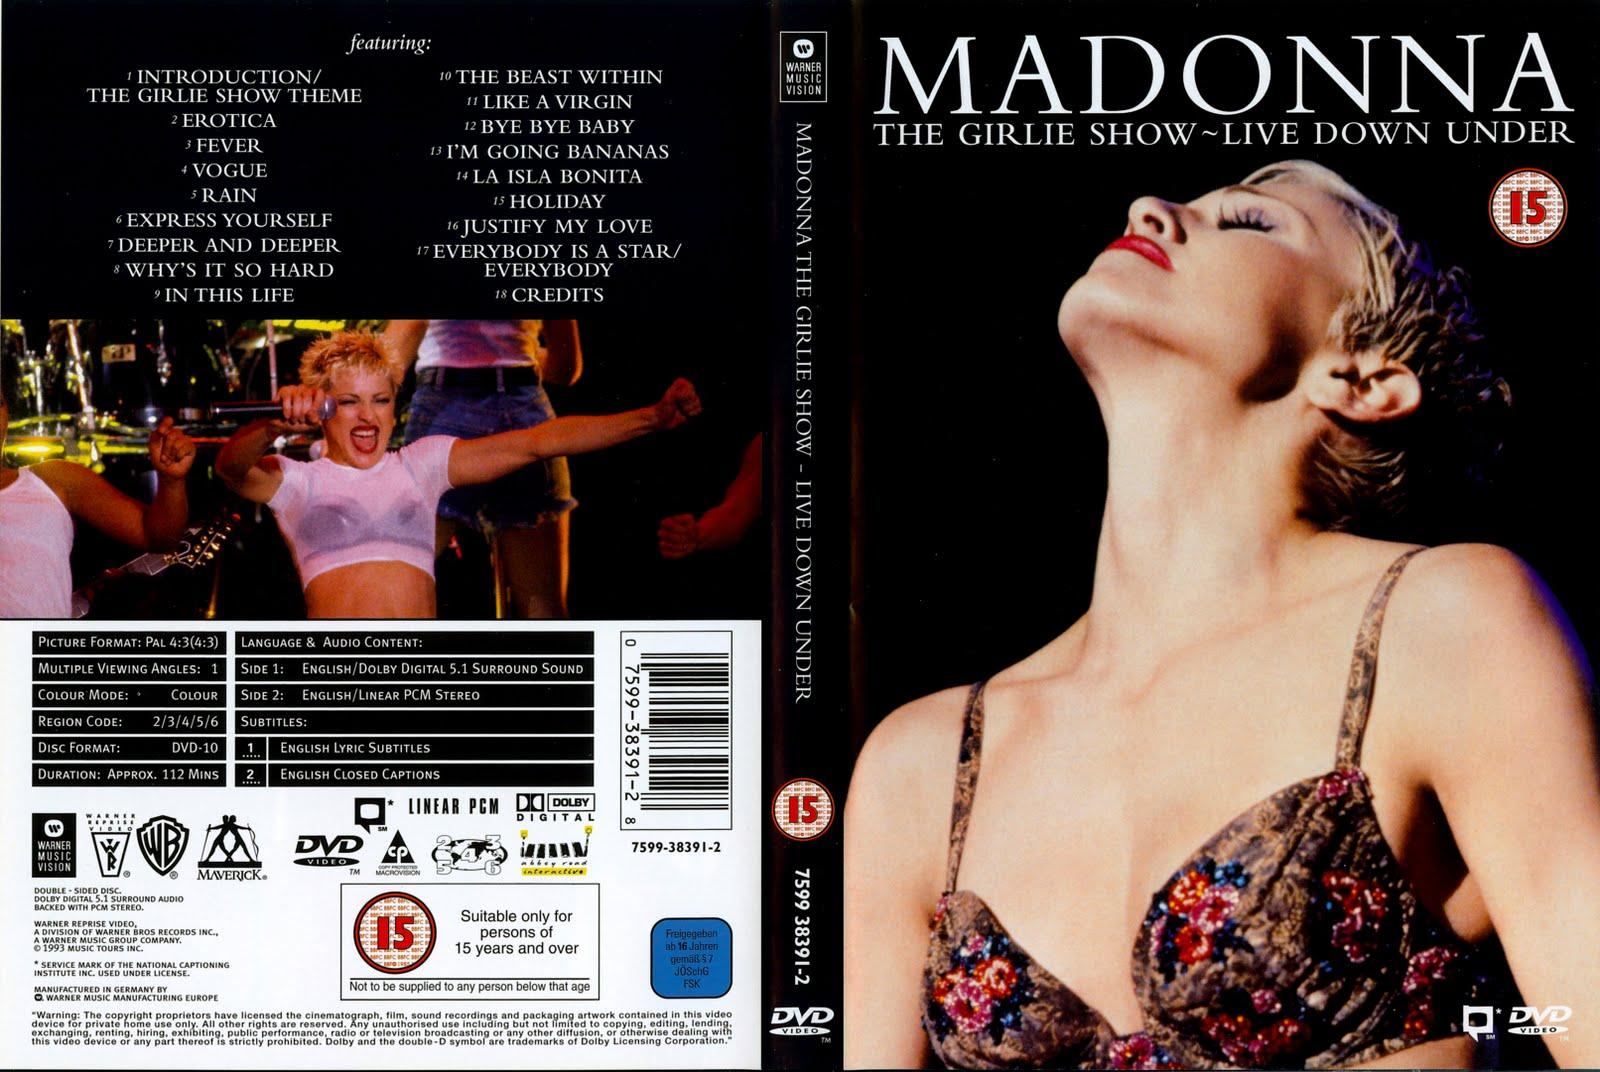 http://3.bp.blogspot.com/_khHh6MVYPgc/TECOmdVLRwI/AAAAAAAAE0E/wx9UAYXKK04/s1600/Madonna___The_Girlie_Show___Live_Down_Under.jpg